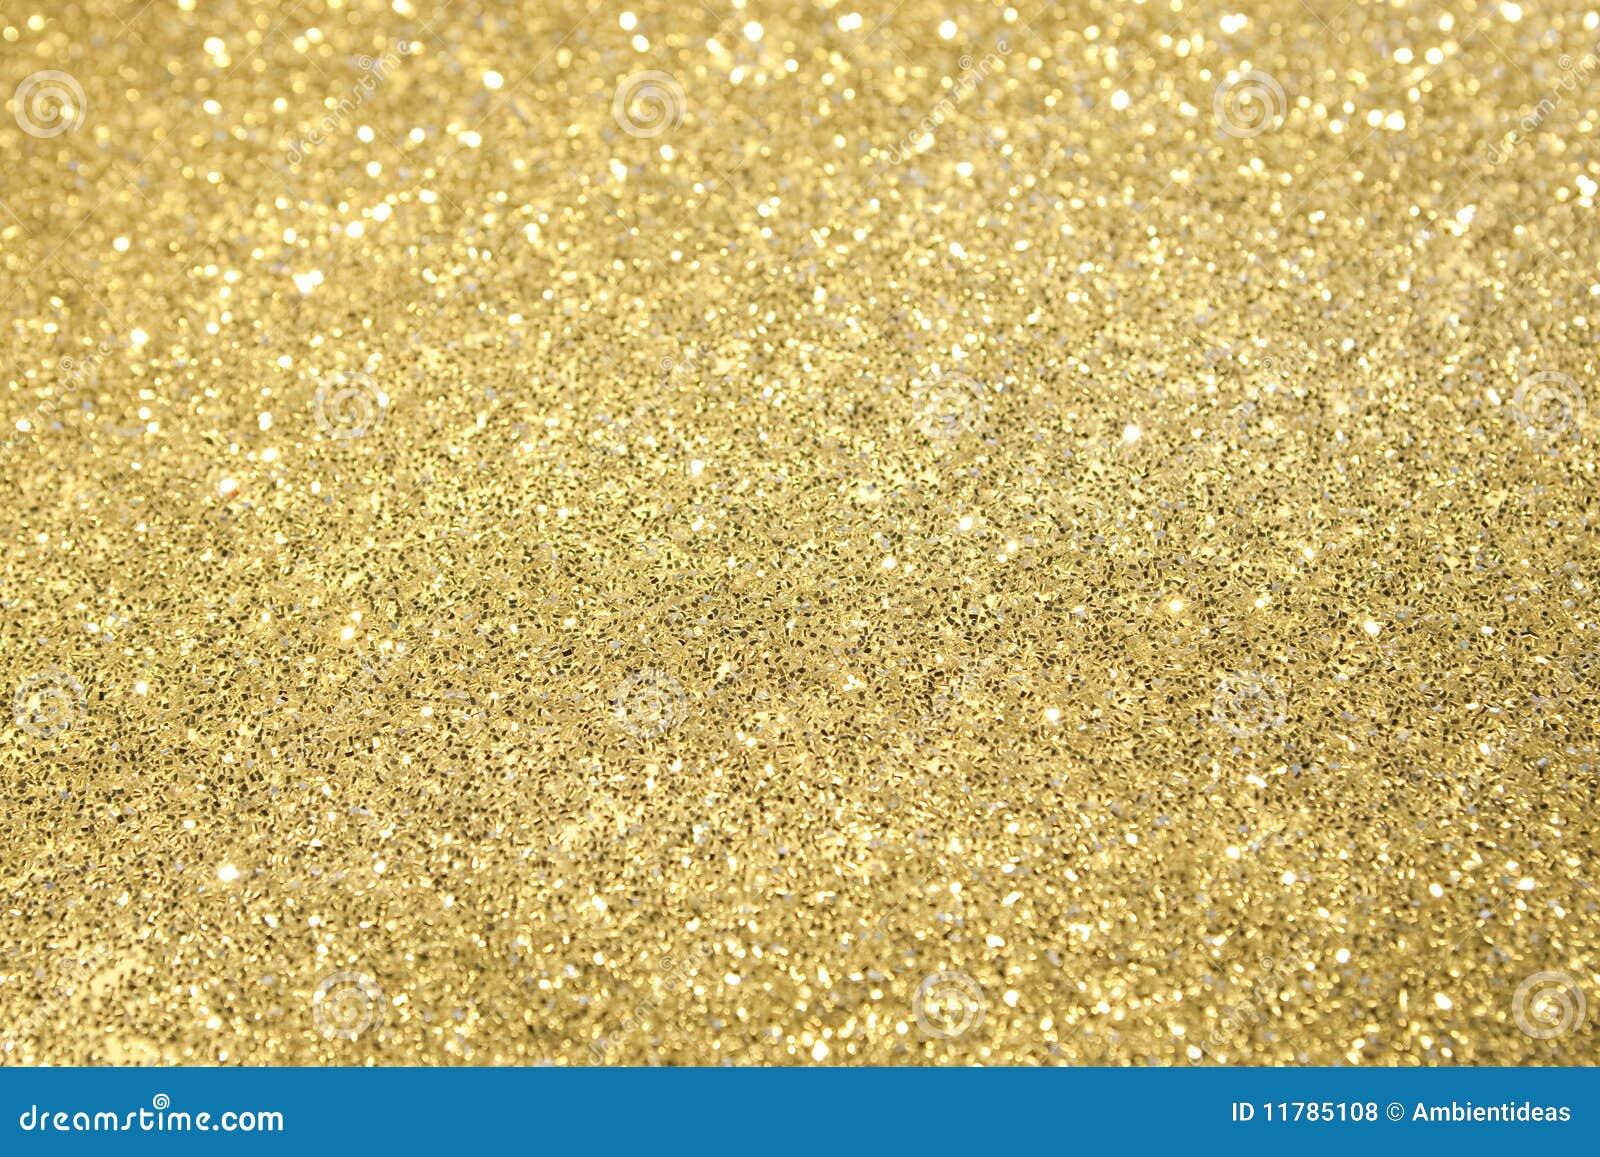 Fokusen blänker selektiv guld